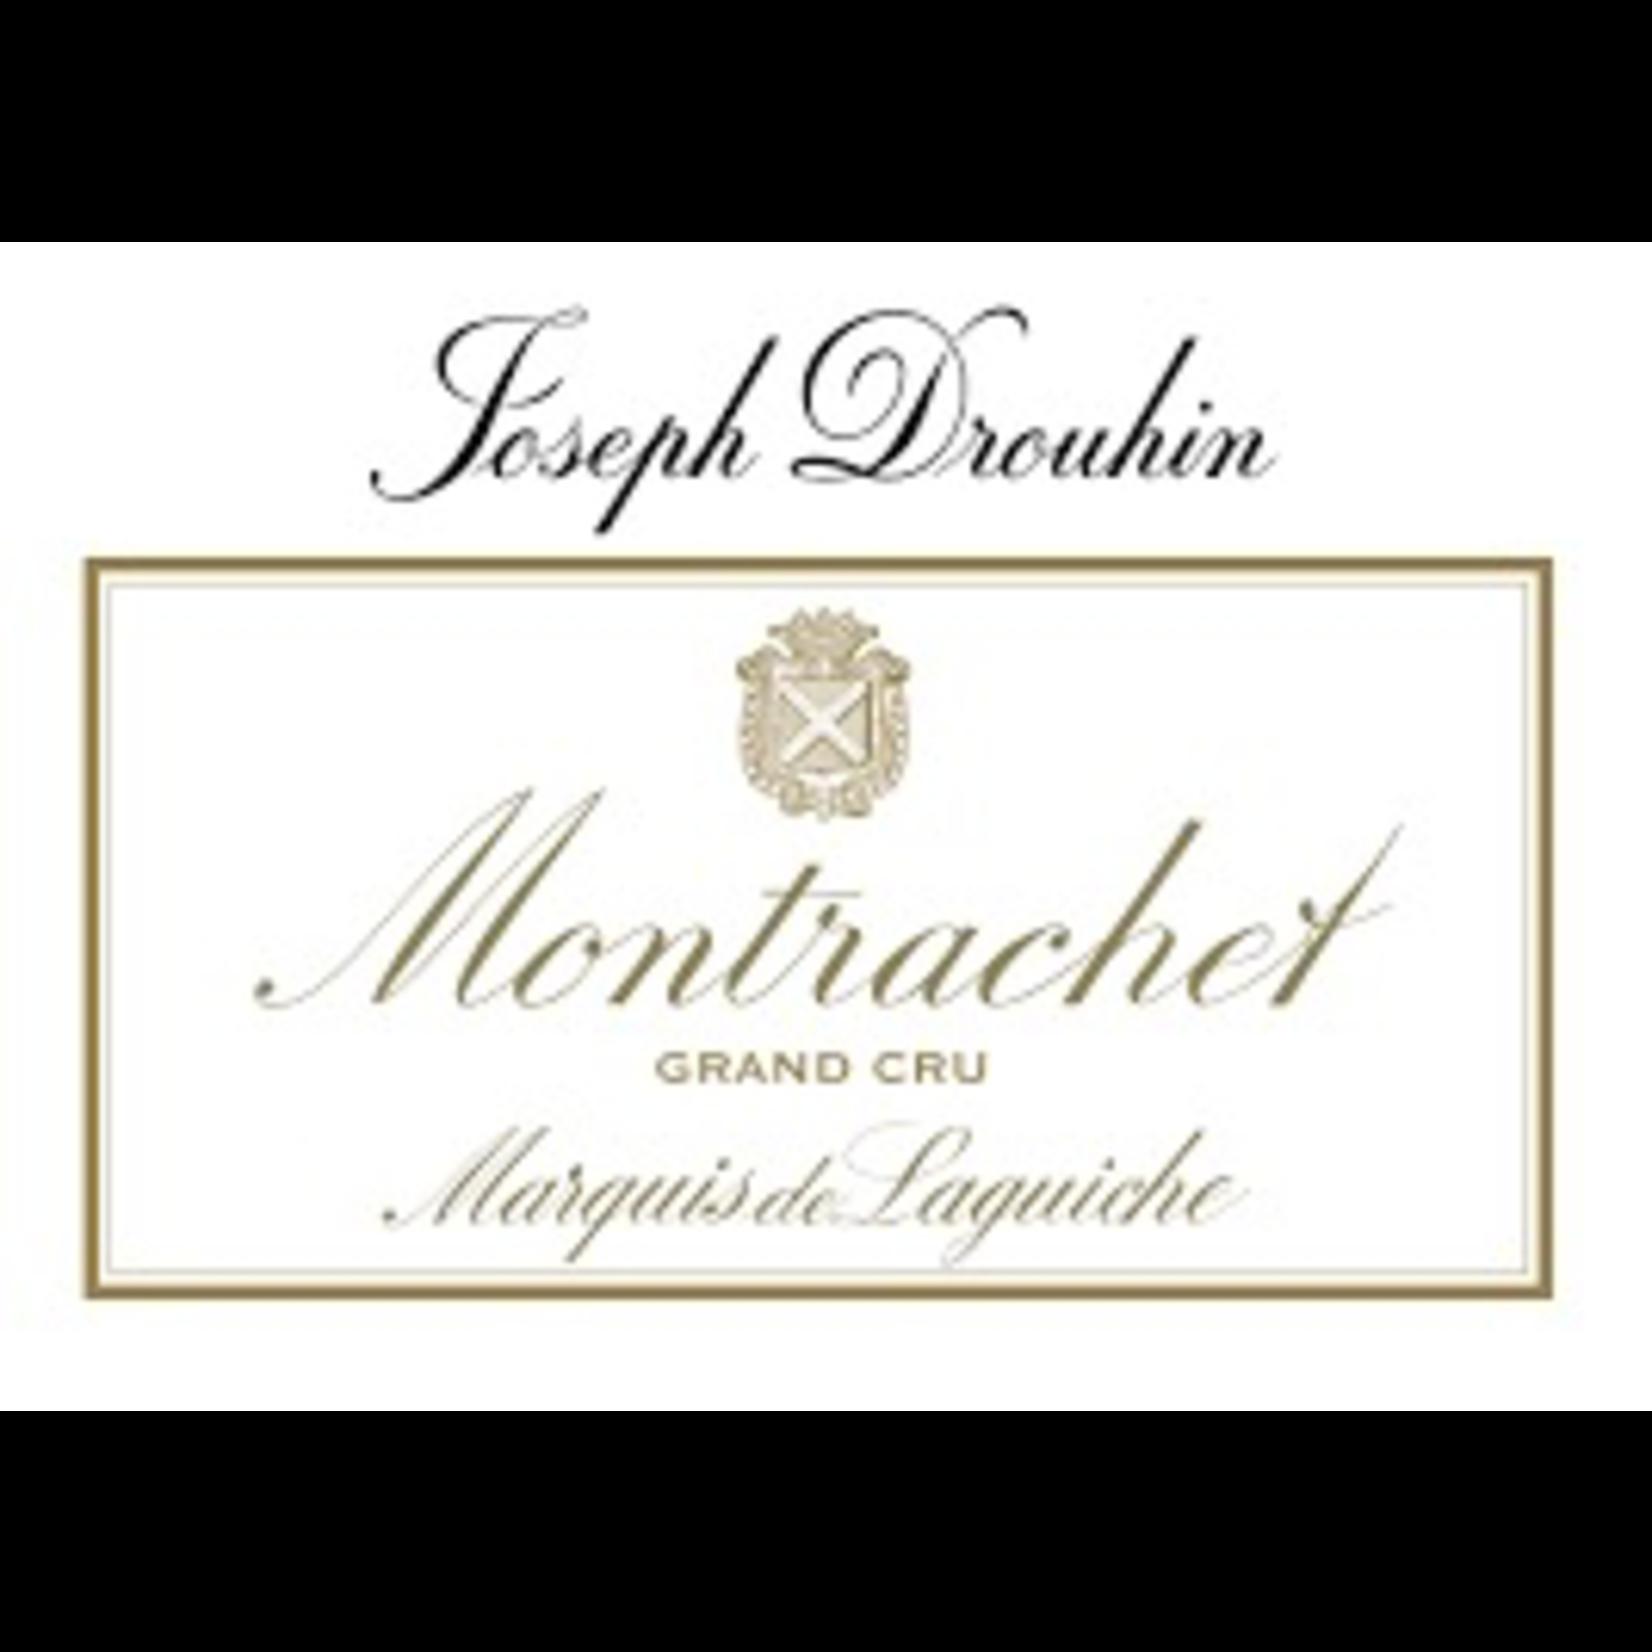 Wine Drouhin Montrachet Marquis de Laguiche Grand Cru 2004 1.5L